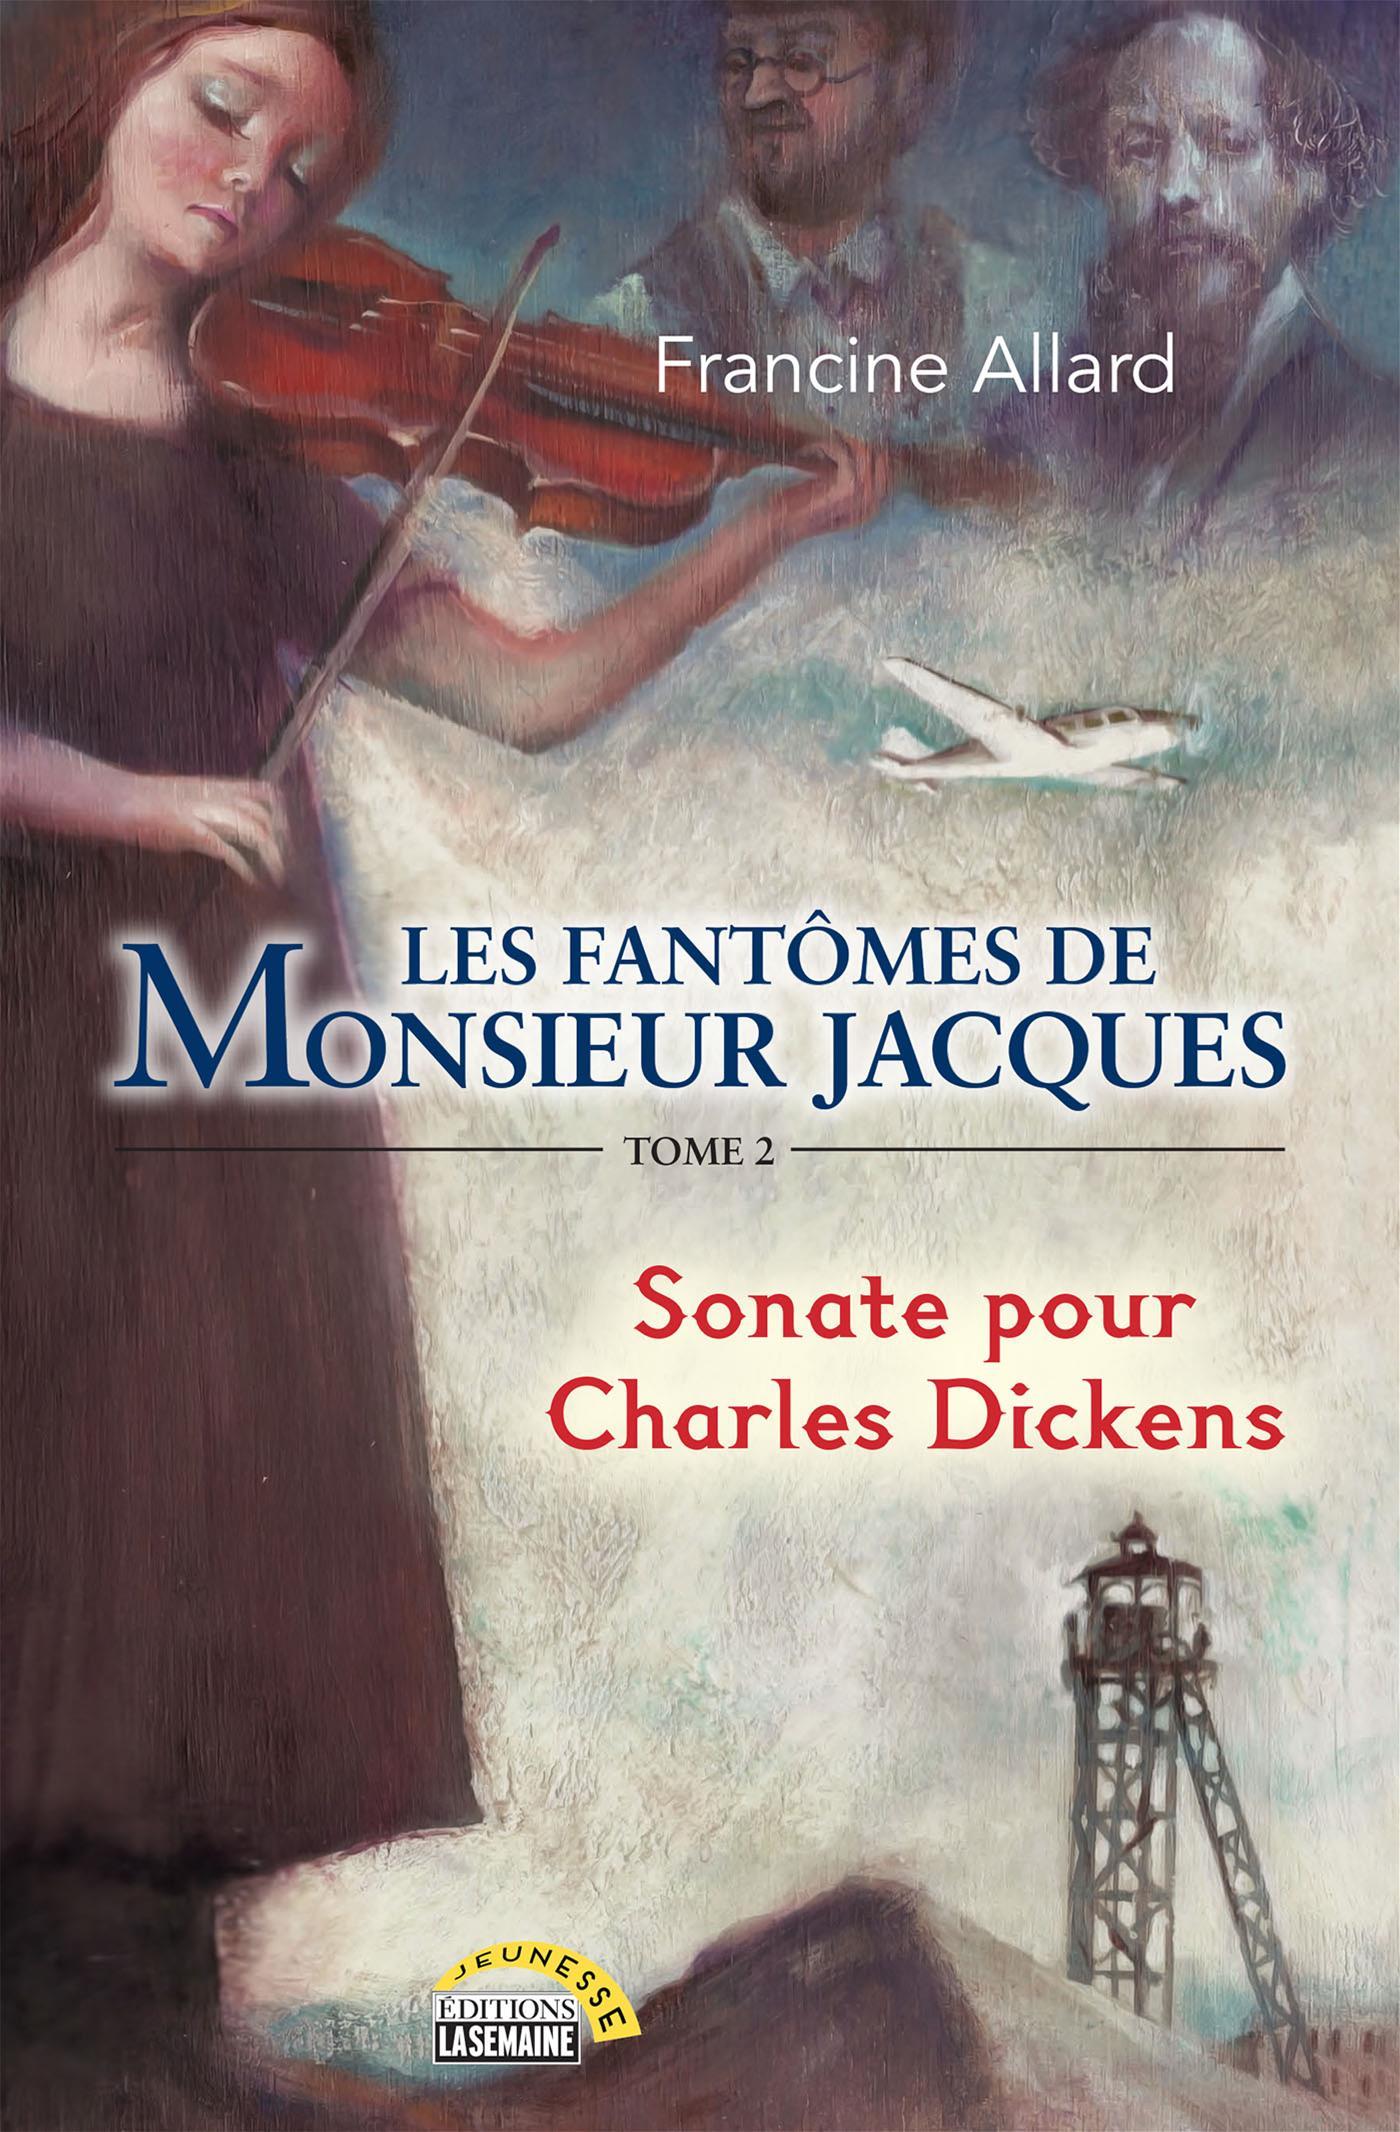 Les fantômes de monsieur Jacques - Tome 2